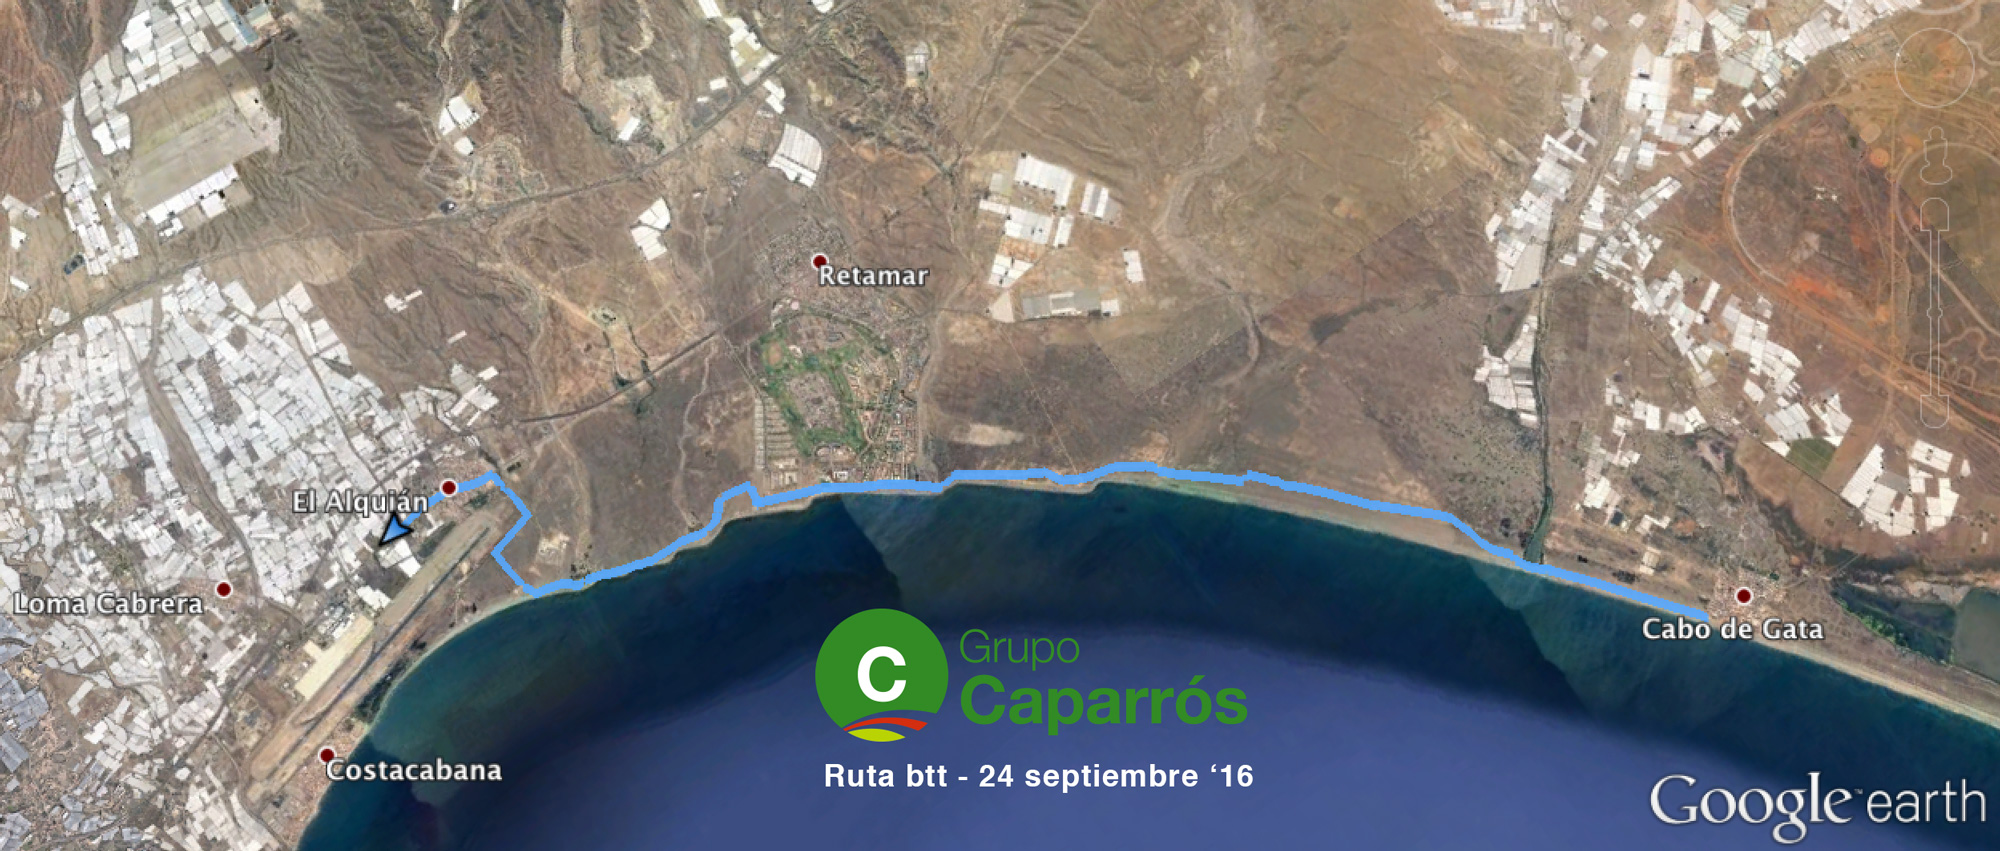 Ruta-btt-v2-google-earth